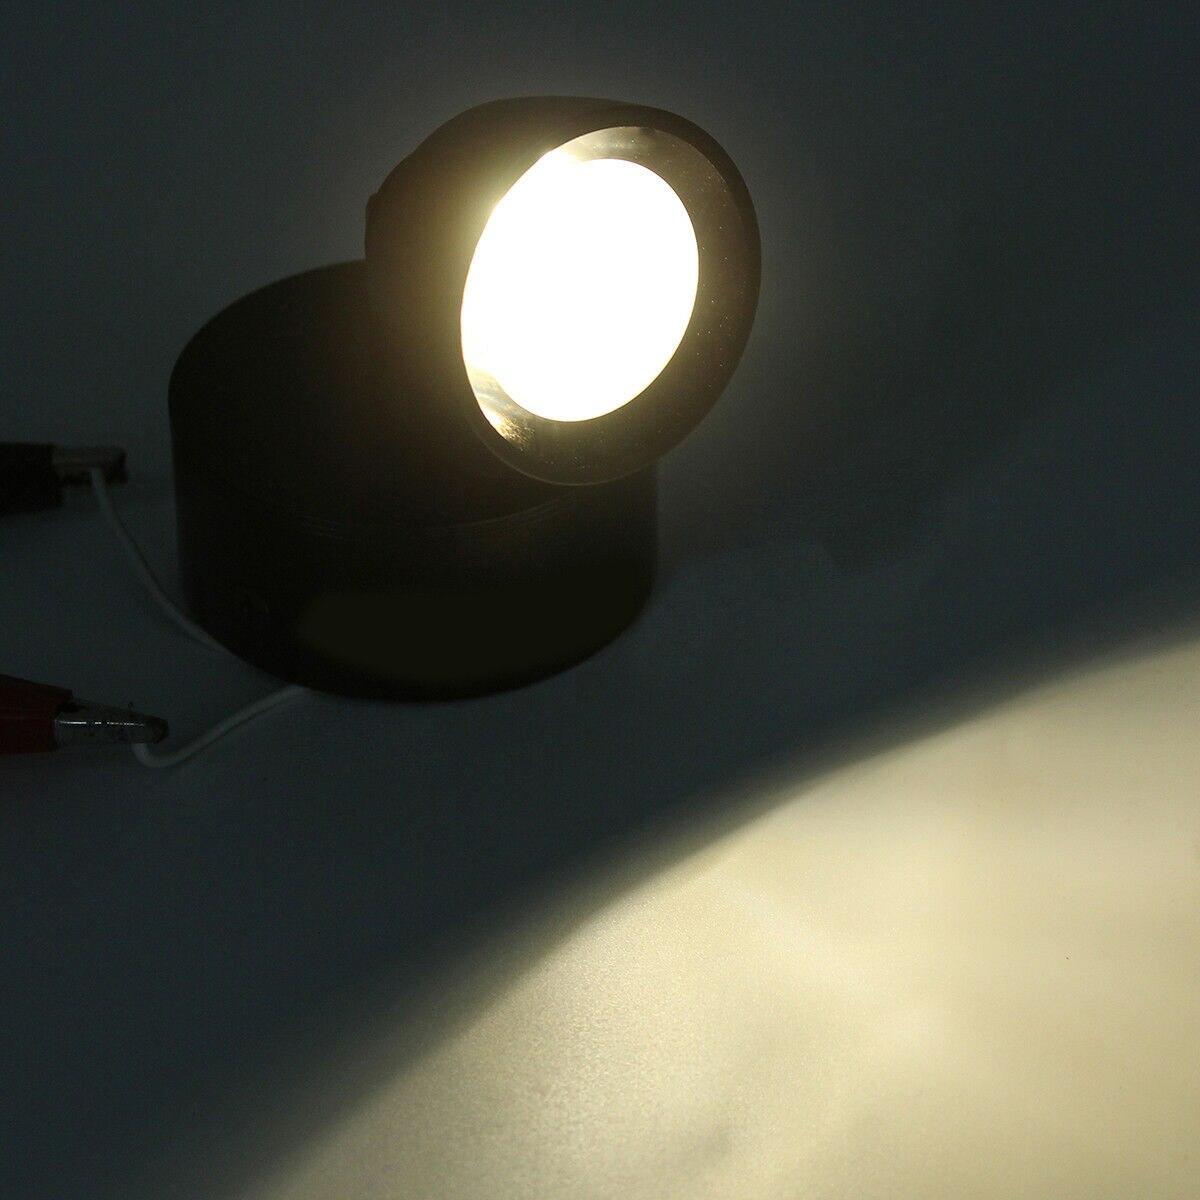 3000-3200K автомобильный Военный белый светильник для чтения лодок, караванов, автомобилей, мотоциклов 3 Вт 12-24 В точечная настенная прикроватная лампа